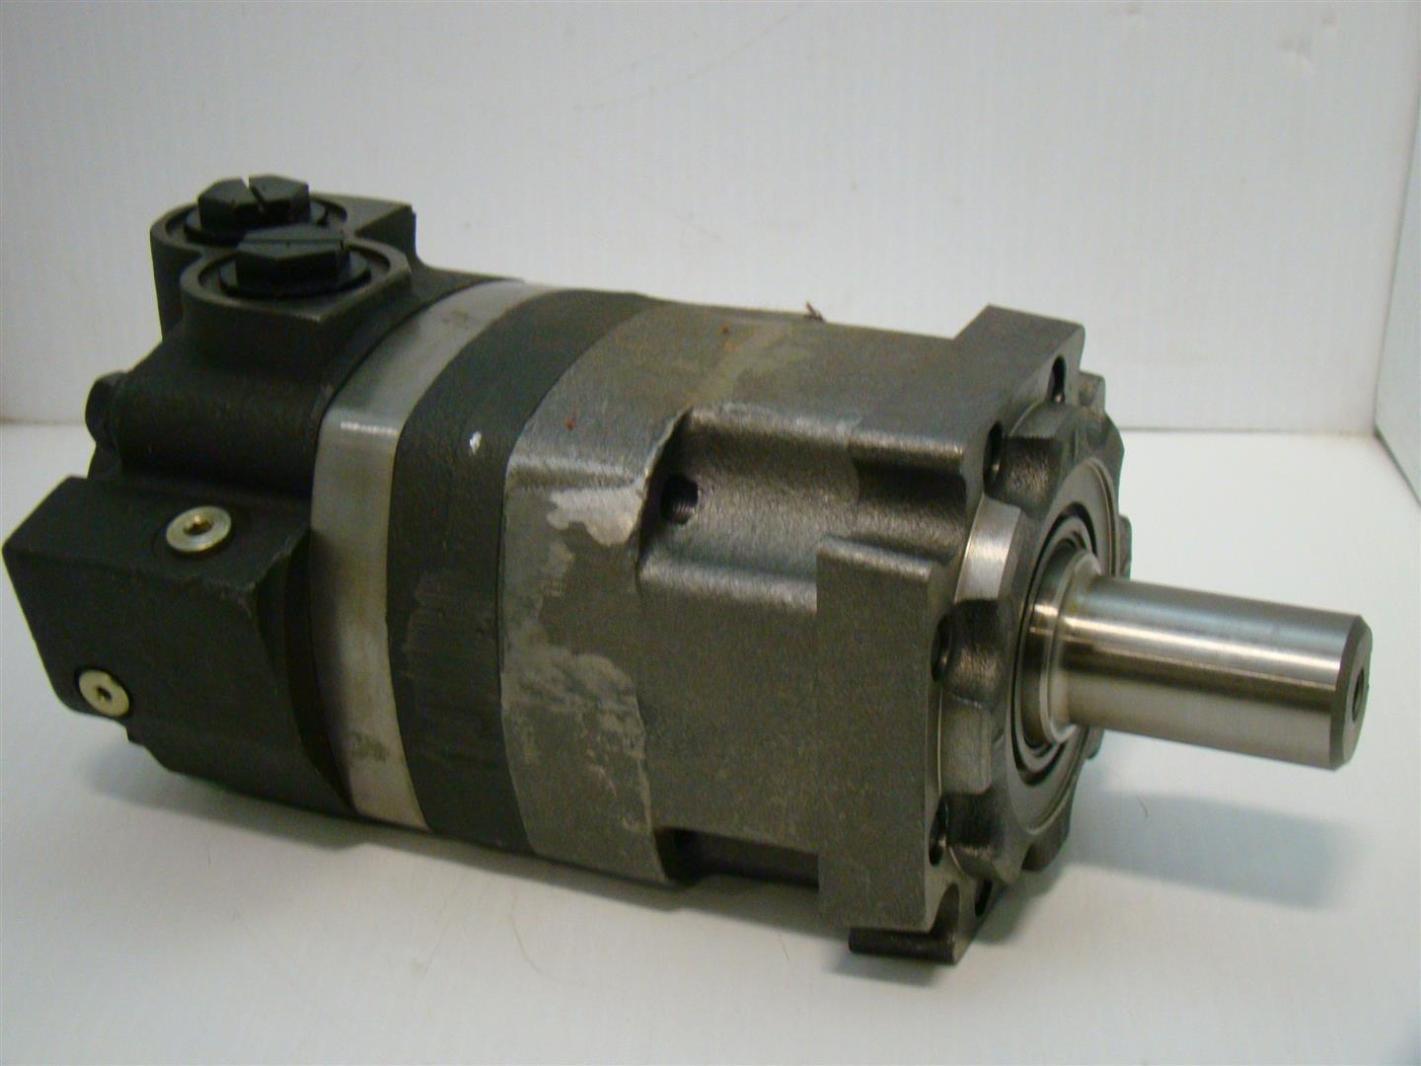 Eaton Char Lynn Hydraulic Pump 11308 Pp96070 109 1101 006